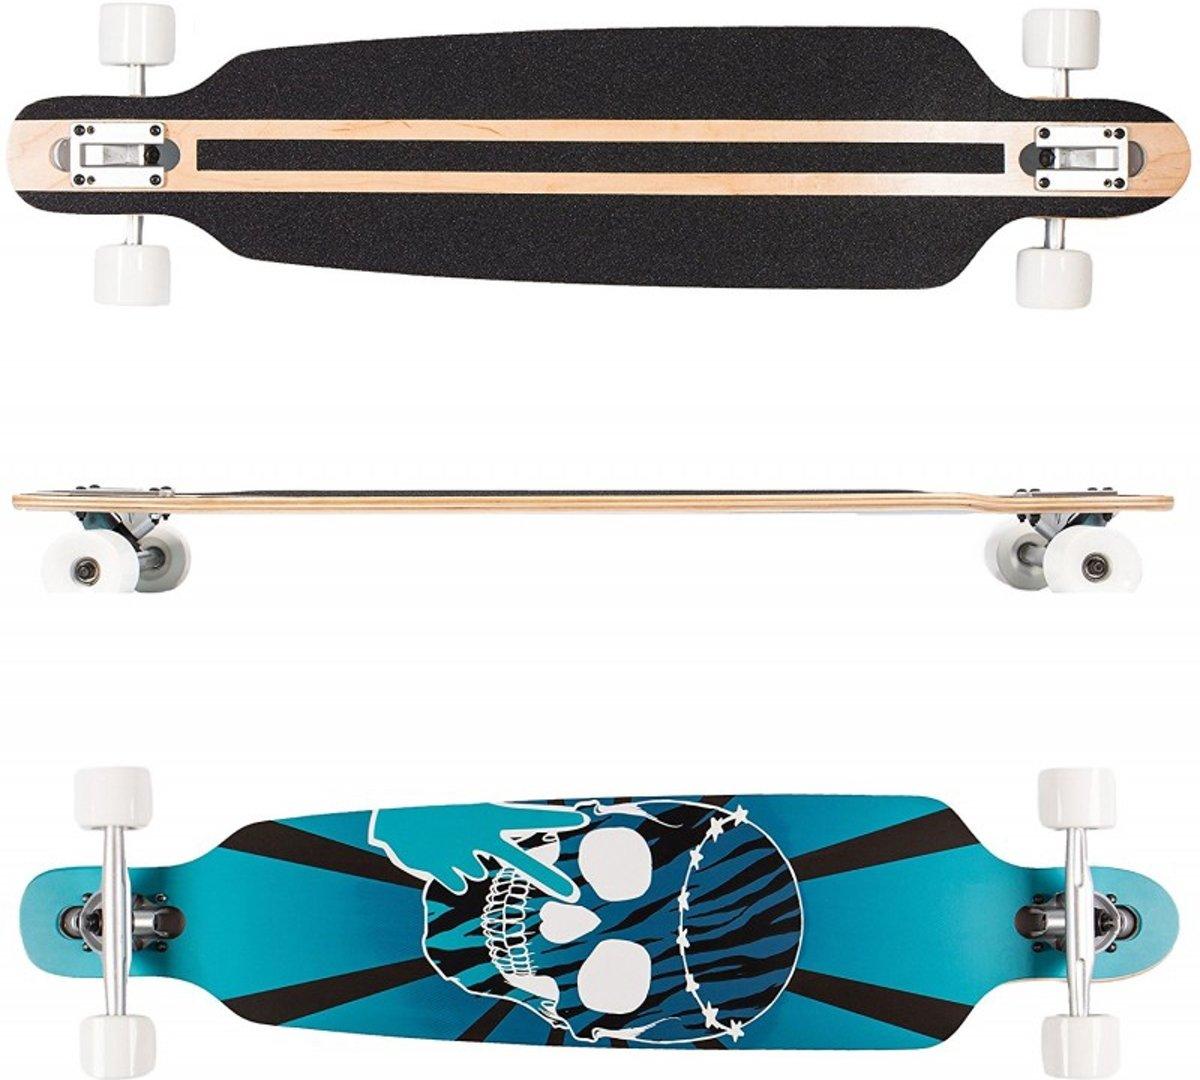 SportPlus Longboard concave, Restinpeace SP-SB-111 kopen